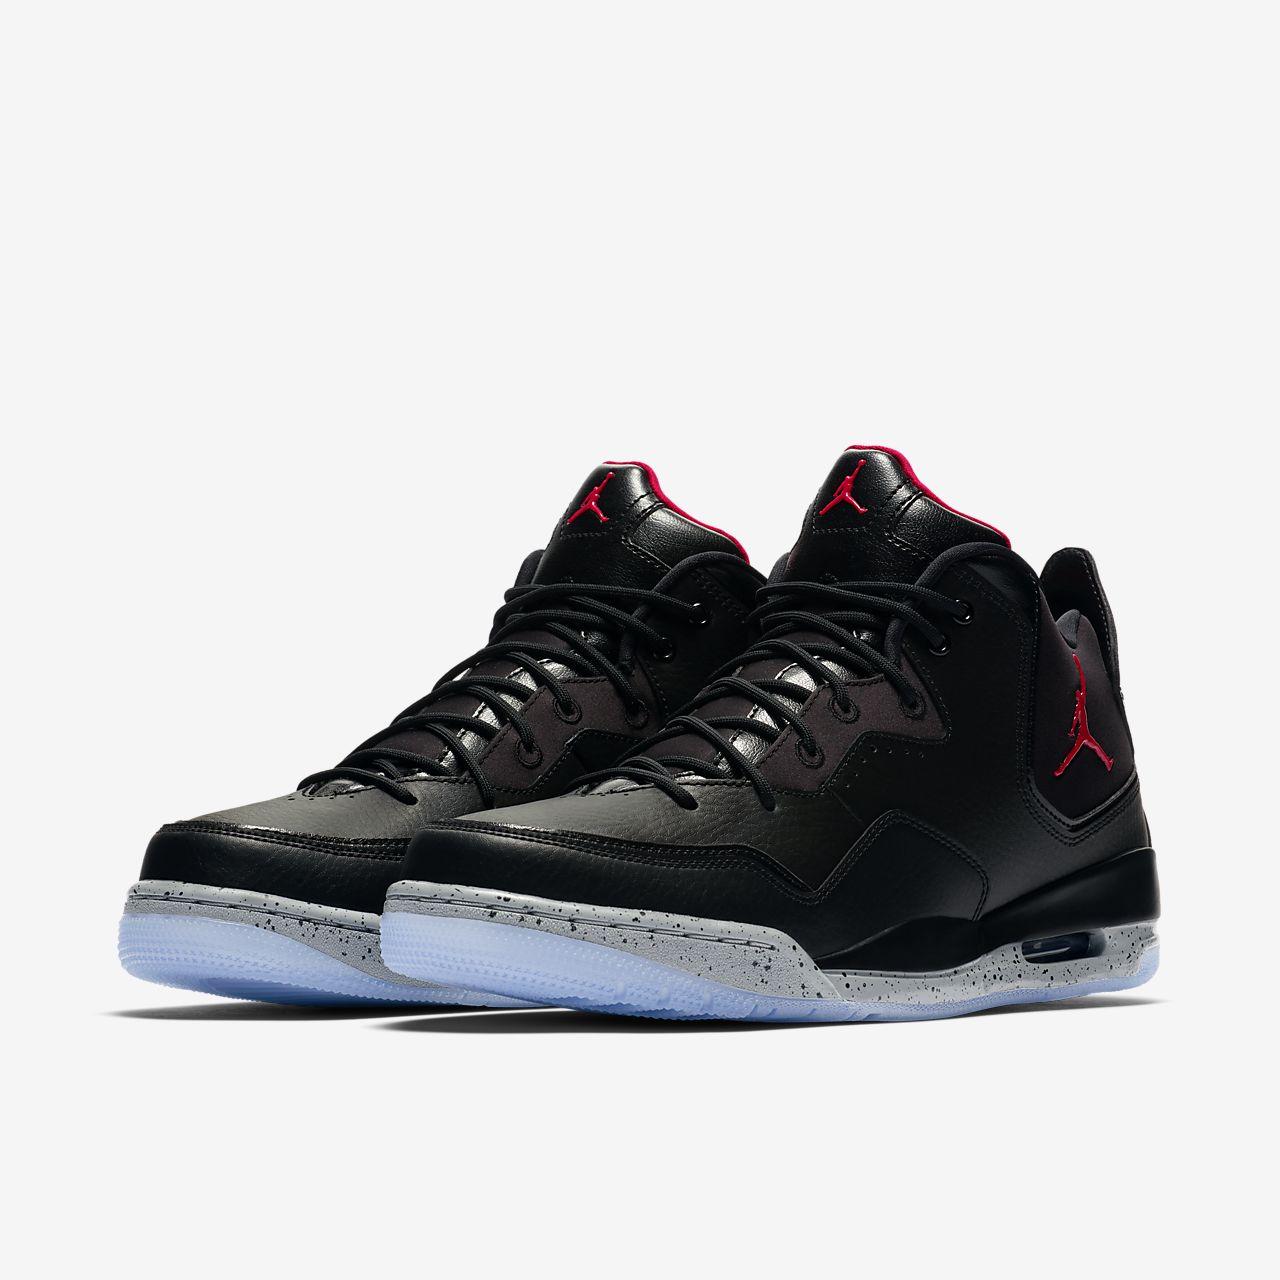 Courtside 23 Chaussures Noires Nike JvWKaK8Sw